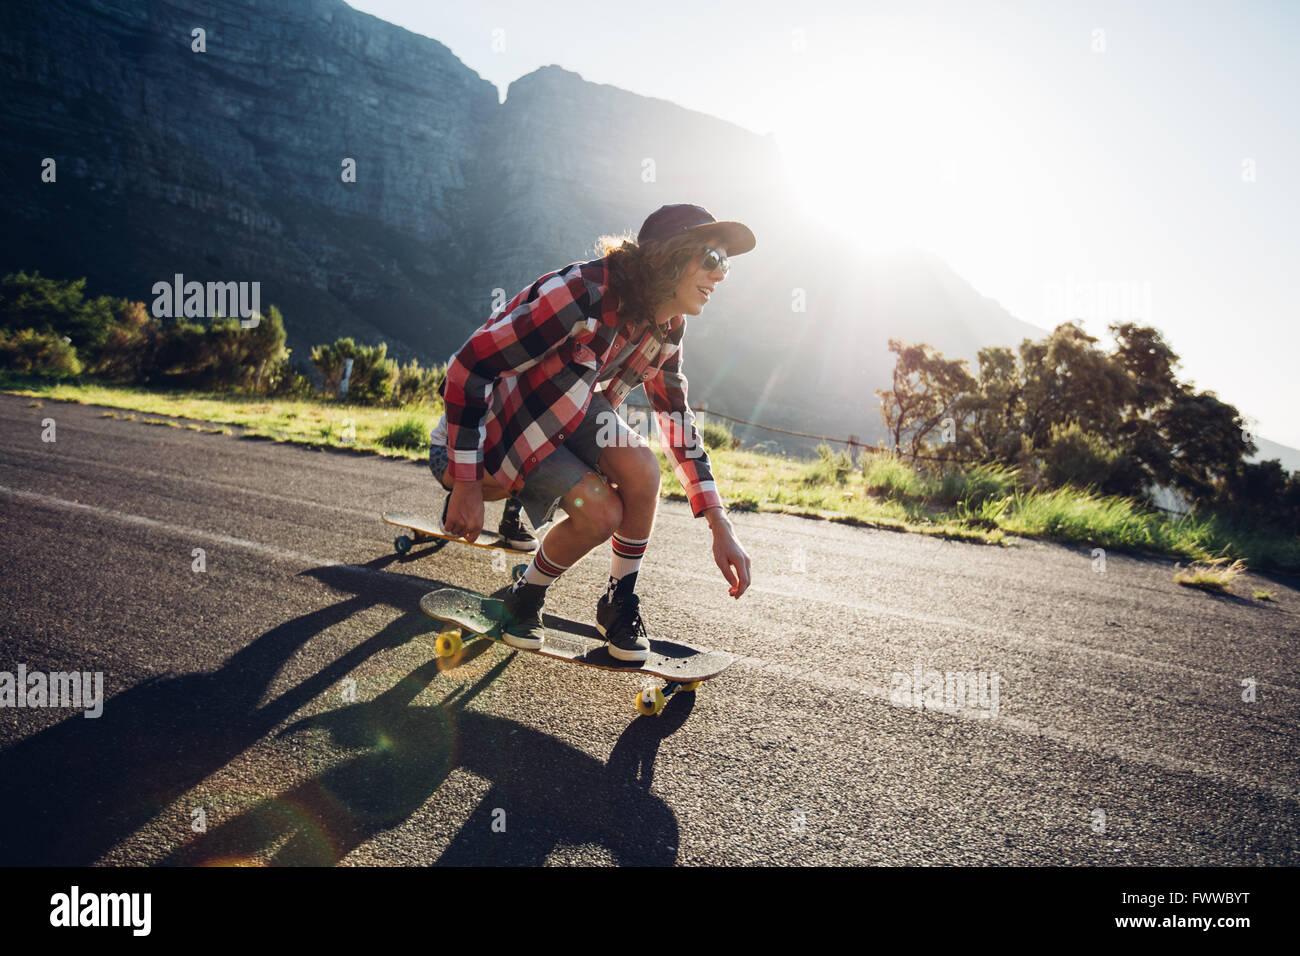 Joven longboarding afuera en carretera rural. Skateboarding macho en un día soleado. Imagen De Stock